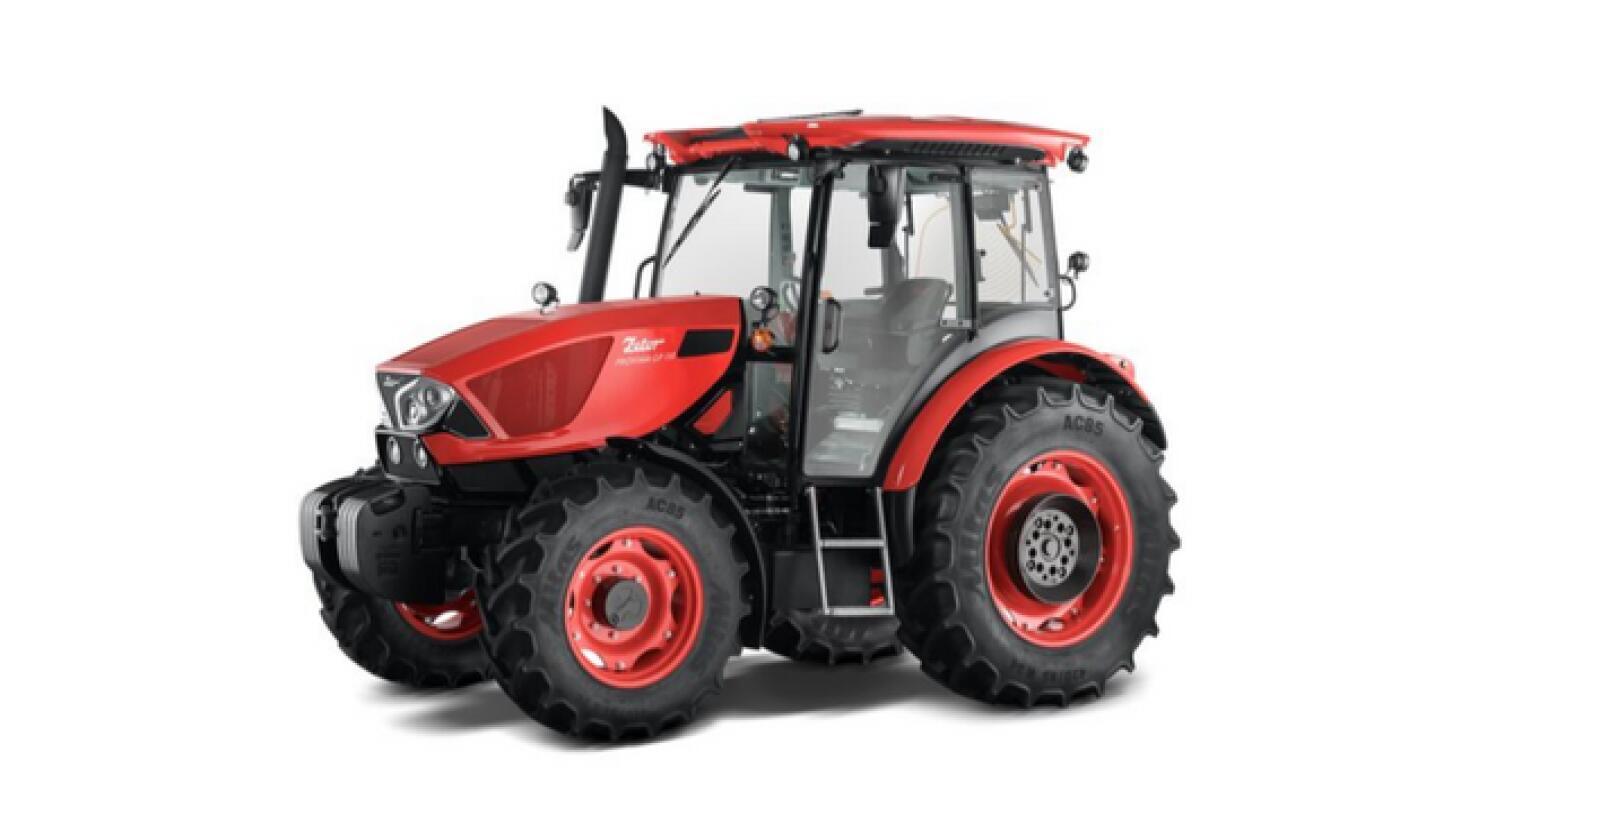 Zetors nye generasjon Proxima ble for første gang fremvist for publikum nå i helga. Traktoren settes i serieproduksjon over nyttår. (Foto: produsenten)